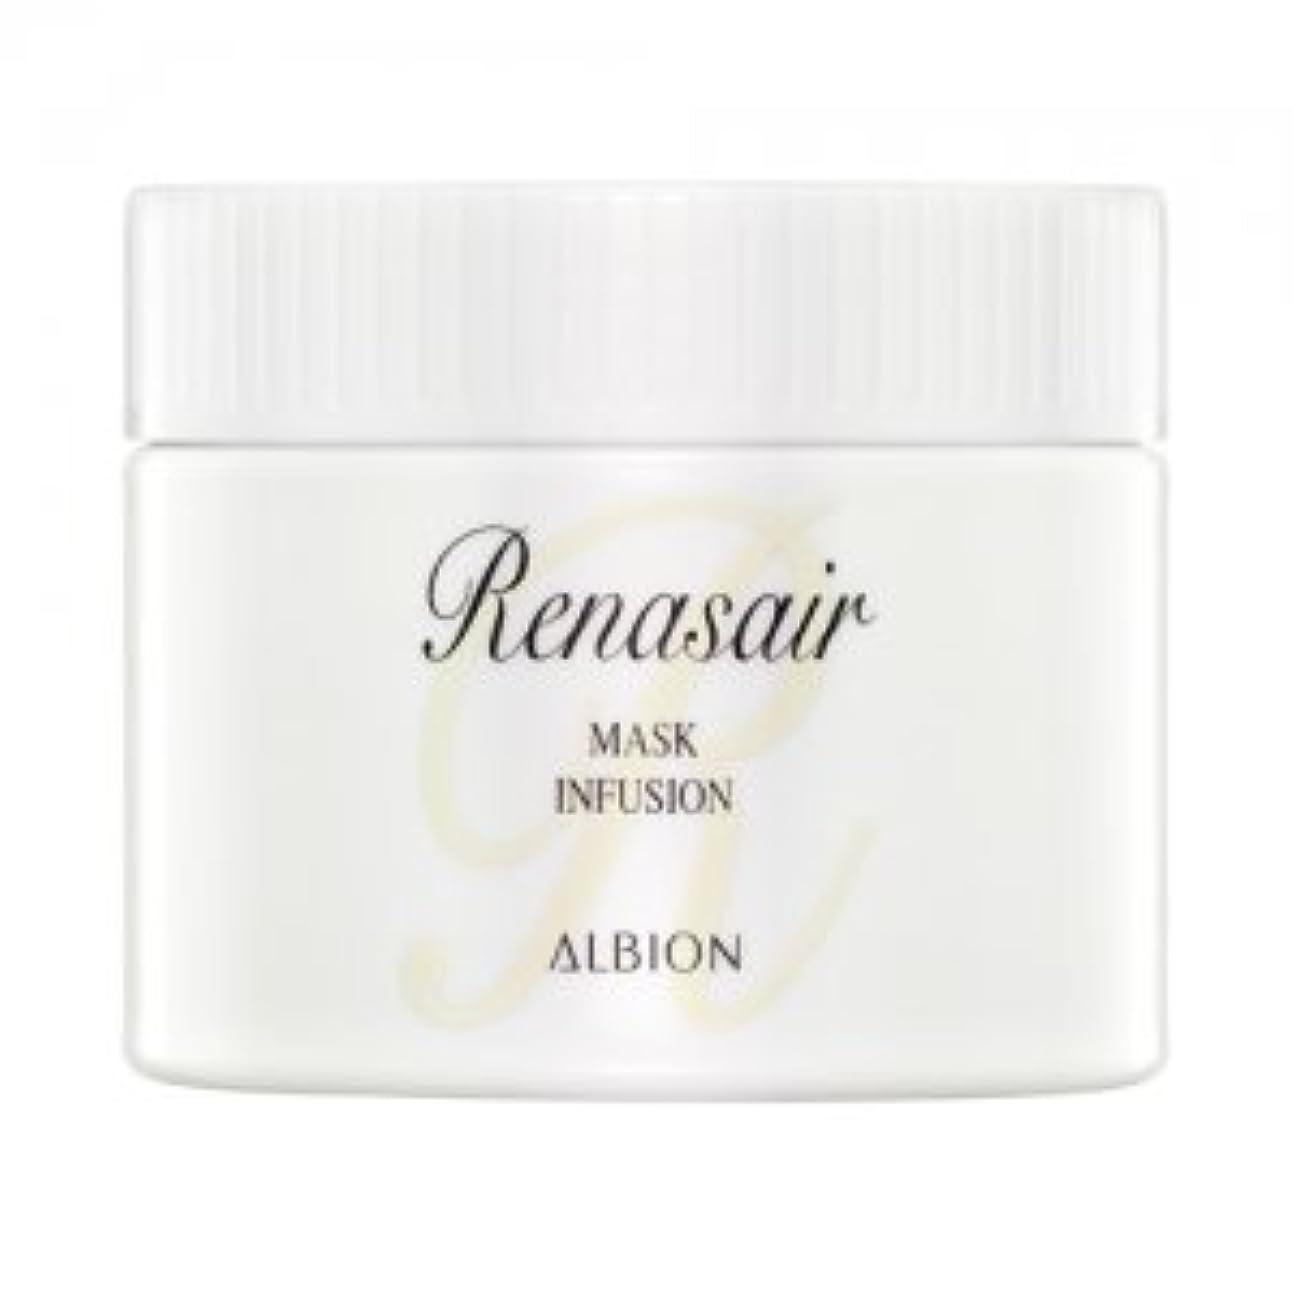 ほめる有効化接尾辞アルビオン RENASAIR ルネセア マスク インフュージョン  280g